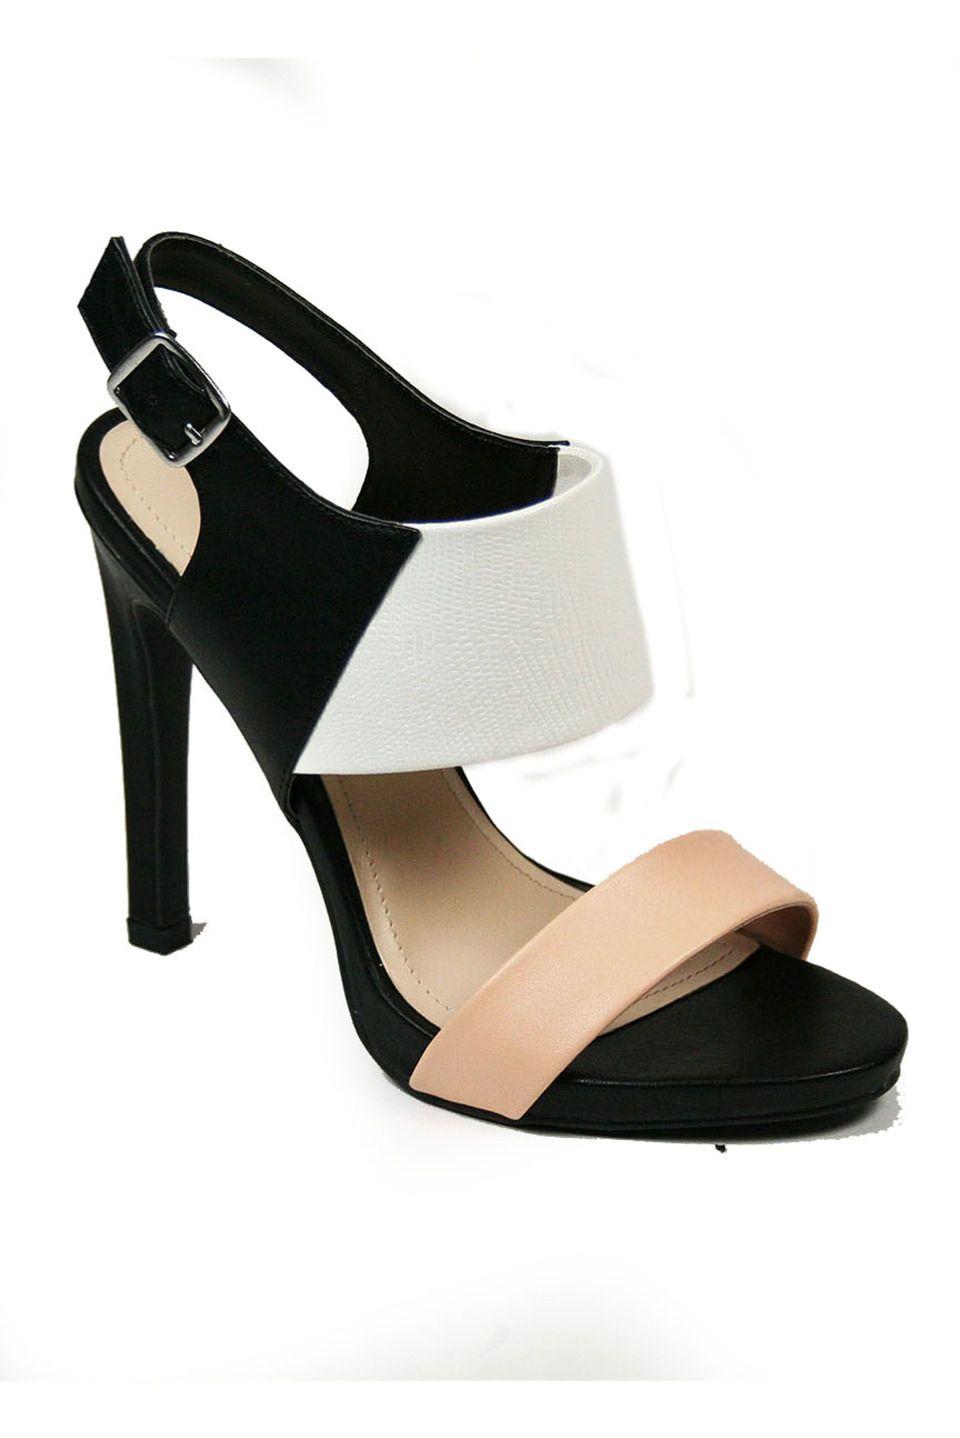 01e87794457 Anne Michelle - Iceland-08 Color Block Sandals in Black Multicolor ...